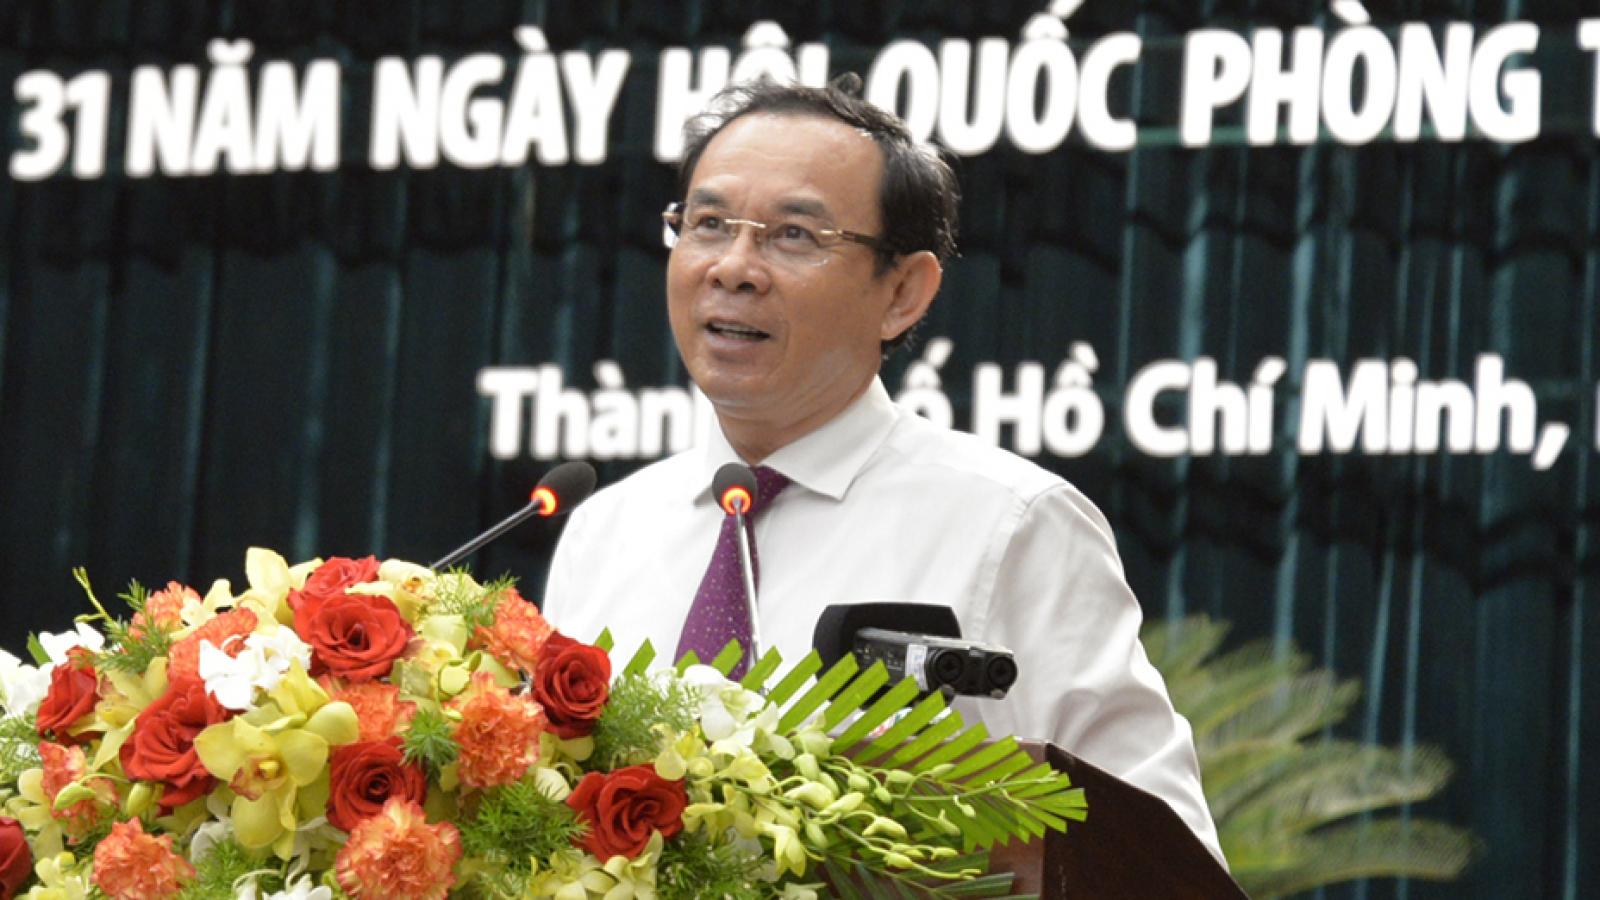 Ông Nguyễn Văn Nên: Thành tựu phát huy, sai phải xử lý